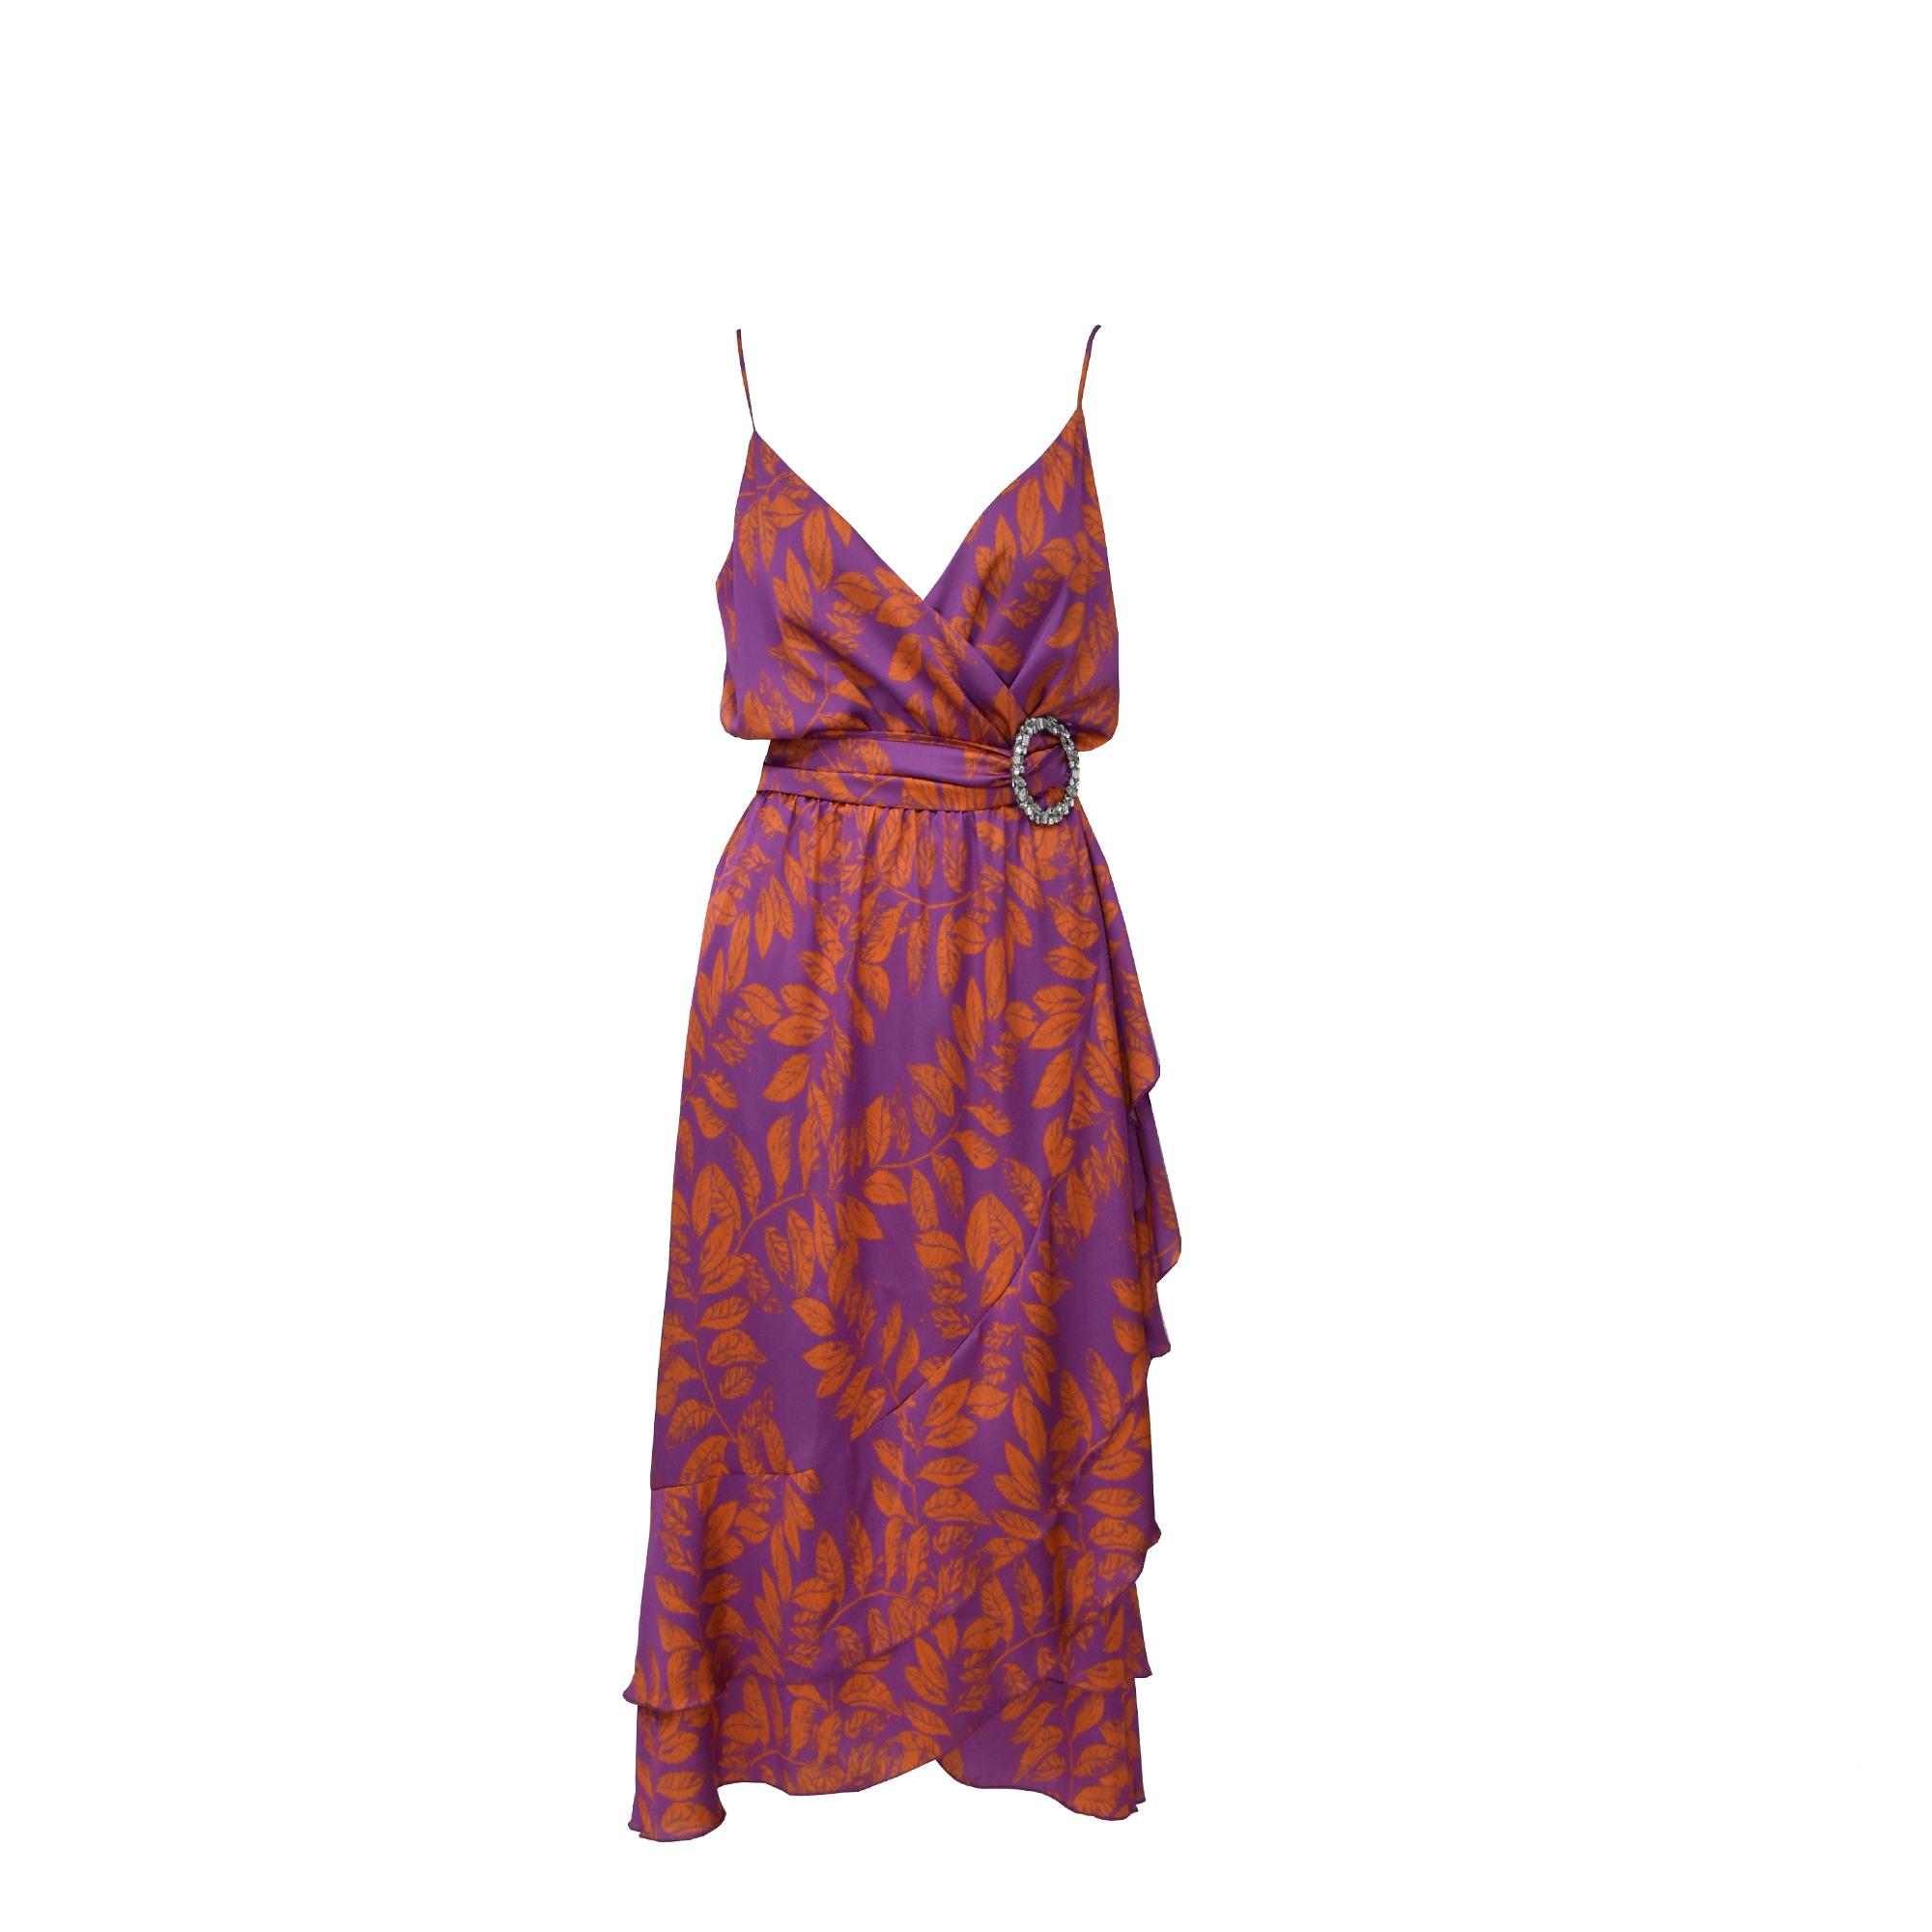 MIX & MATCH WRAP DRESS - 20015 PURPLE